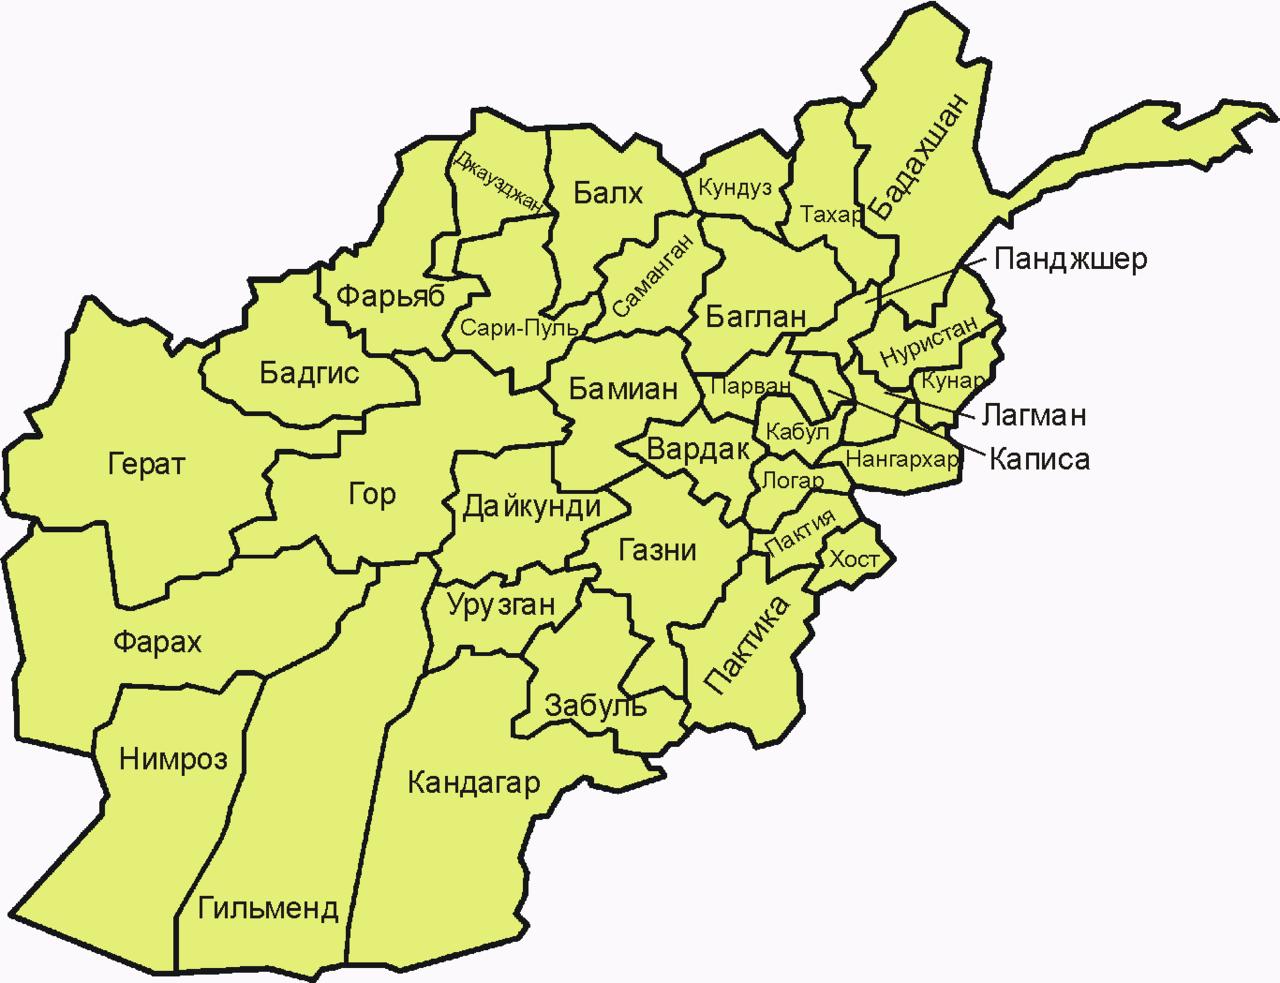 Карта административного деления Афганистана